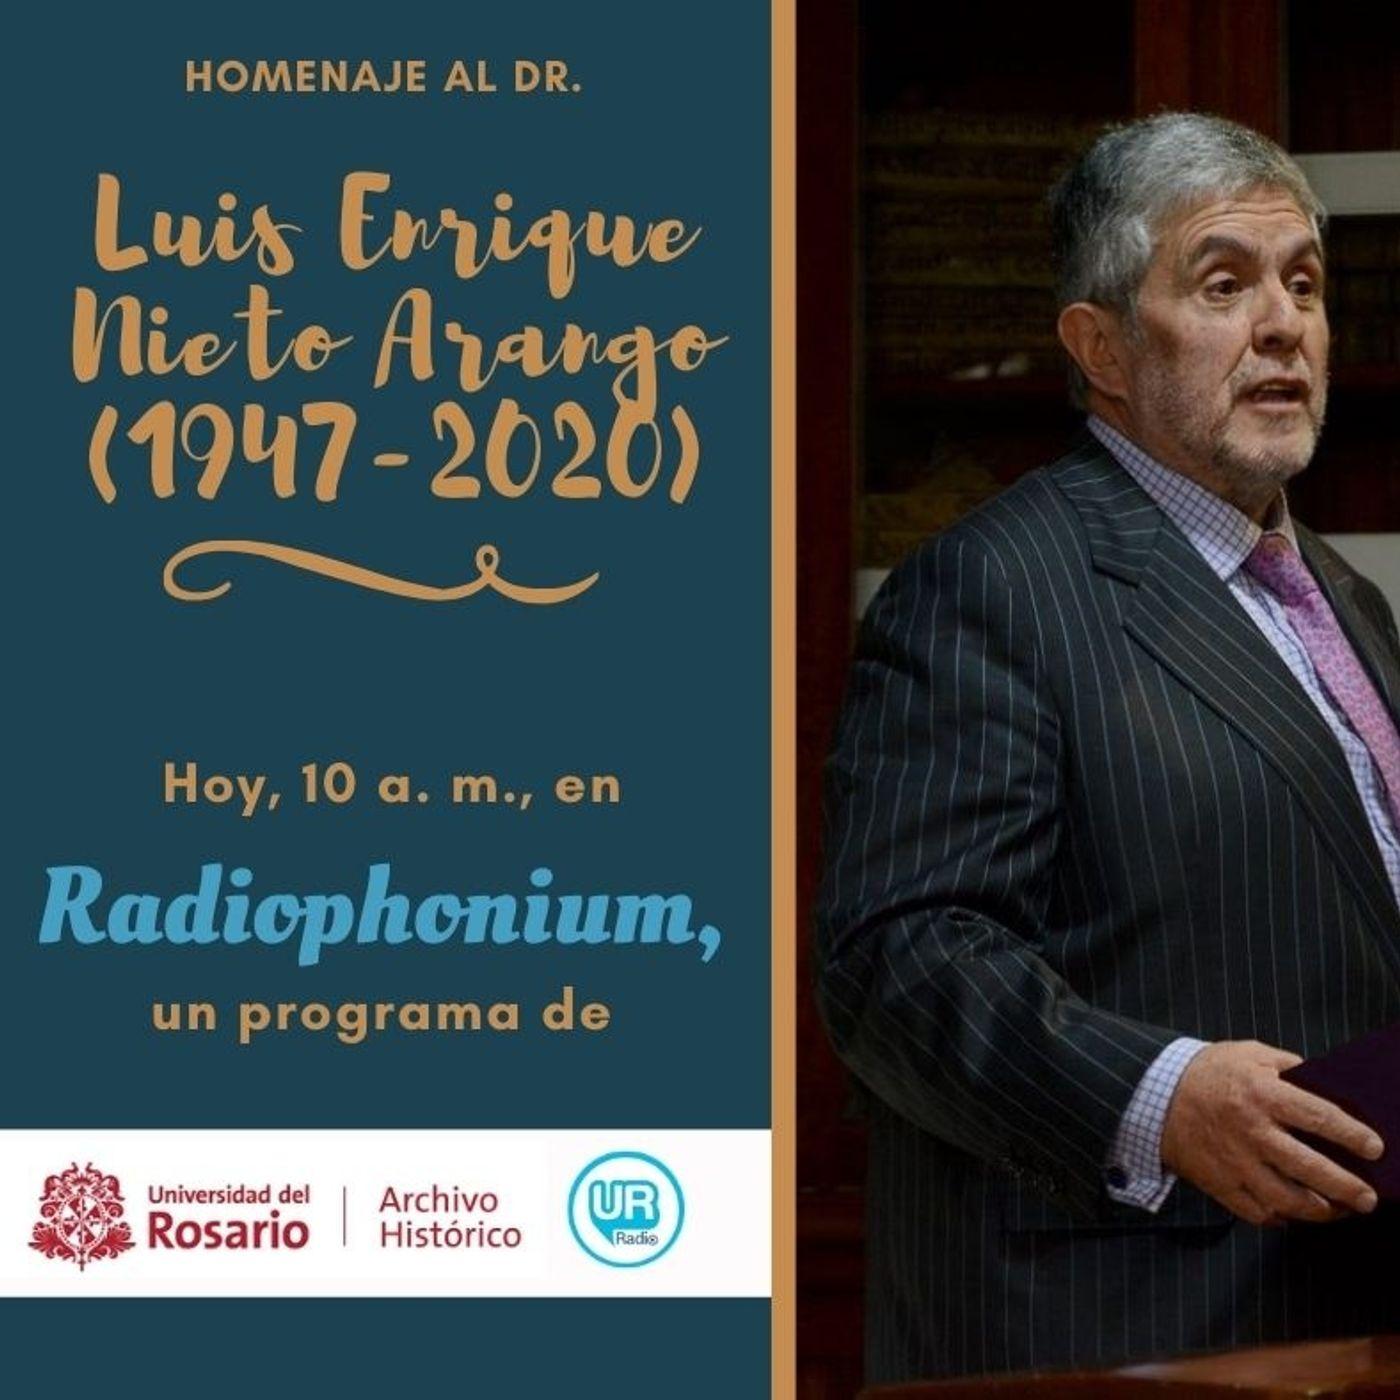 Homenaje al Dr. Luis Enrique Nieto